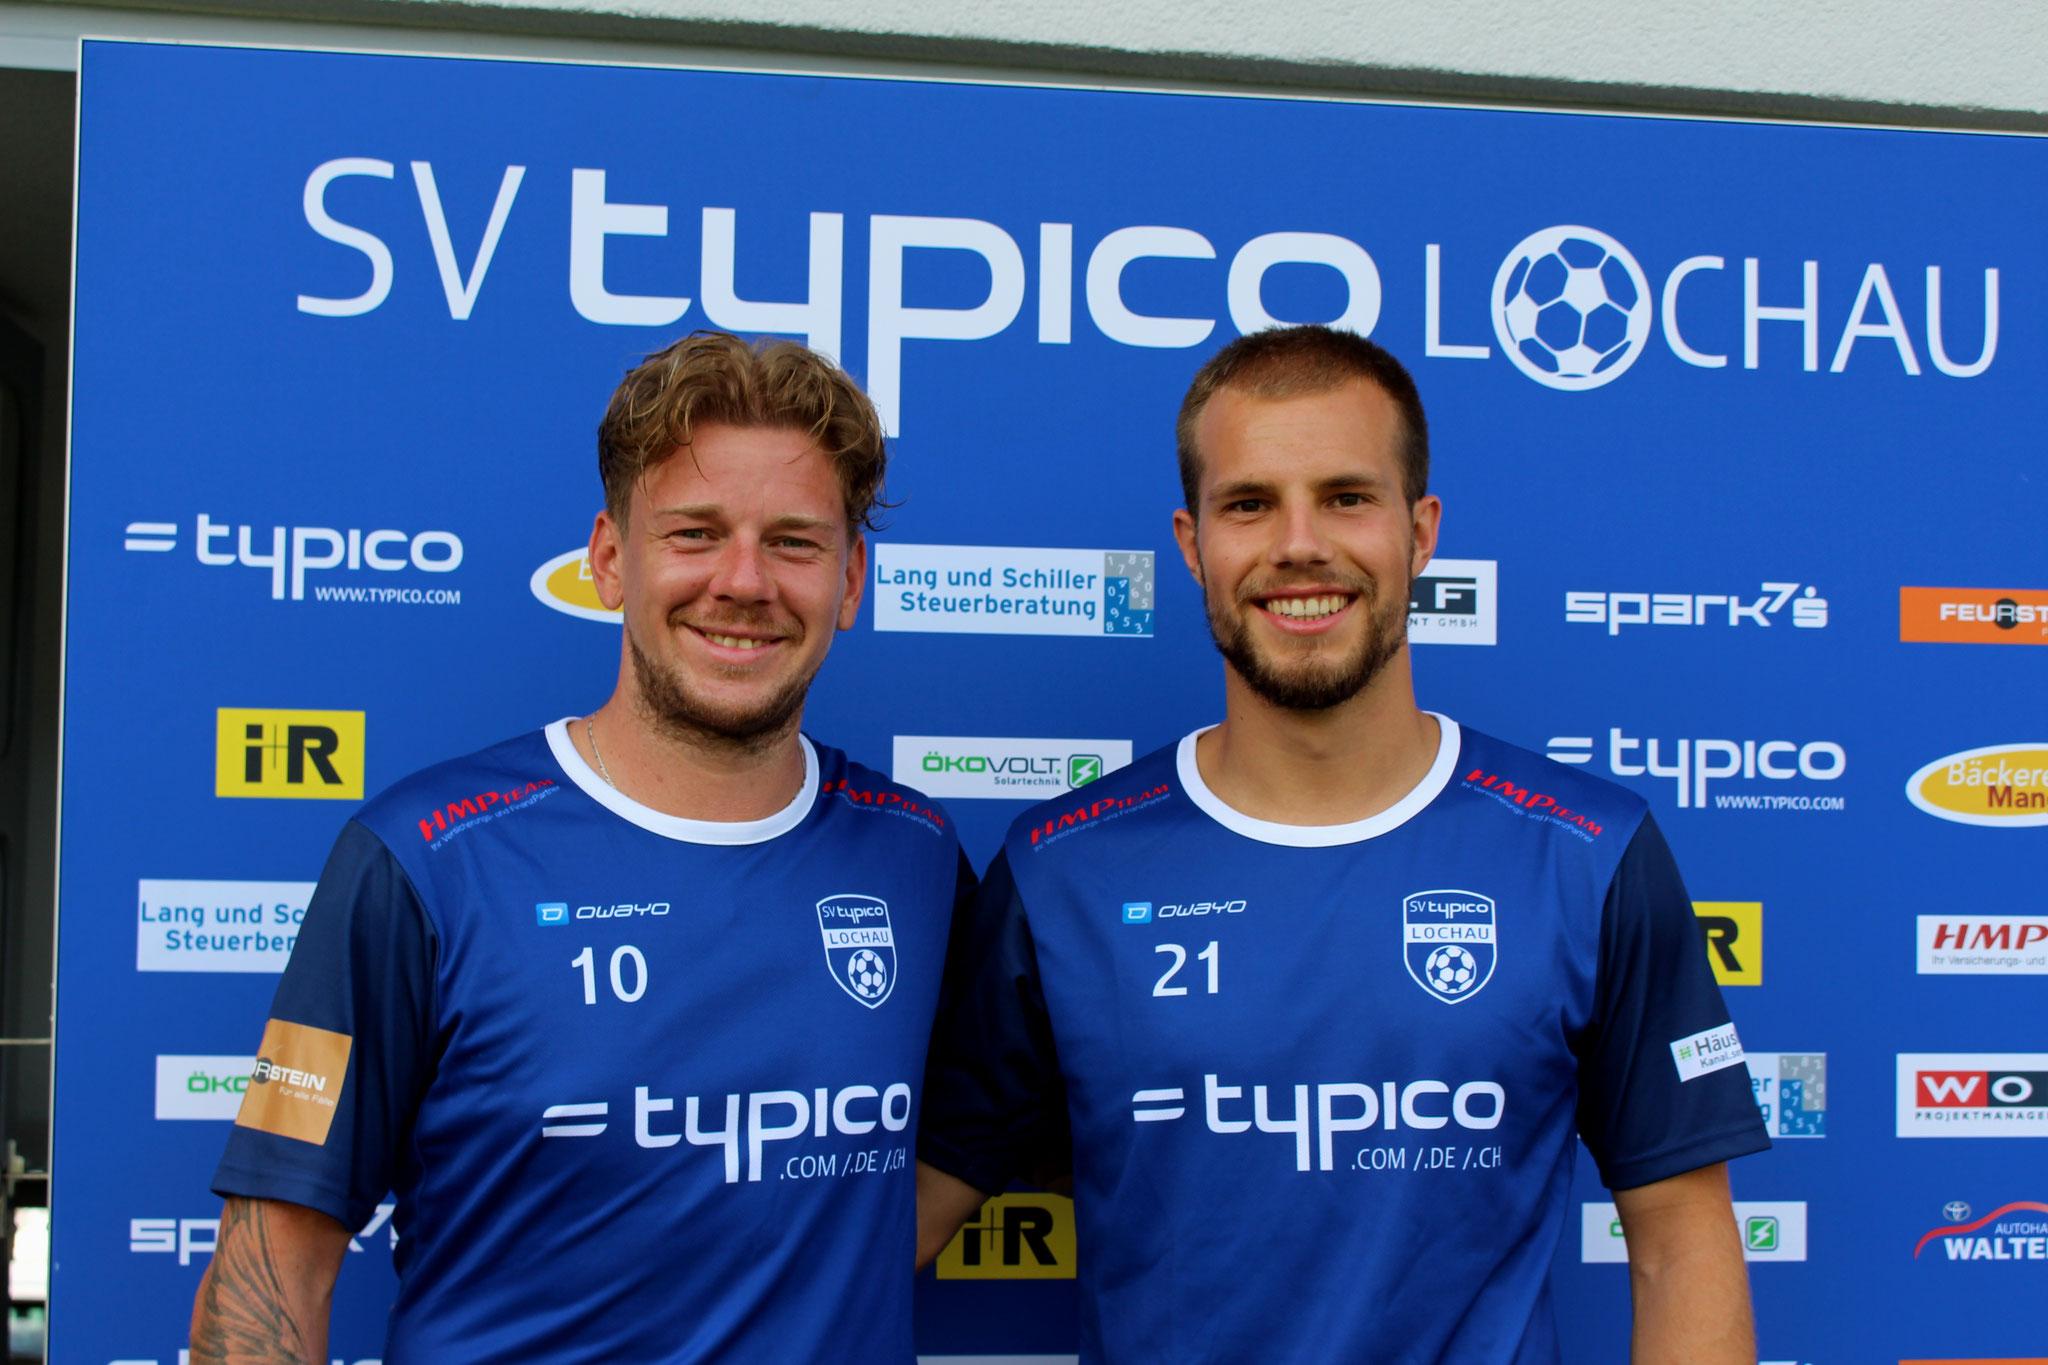 #10 Stefan Maccani & #21 Niklas Ausserlechner